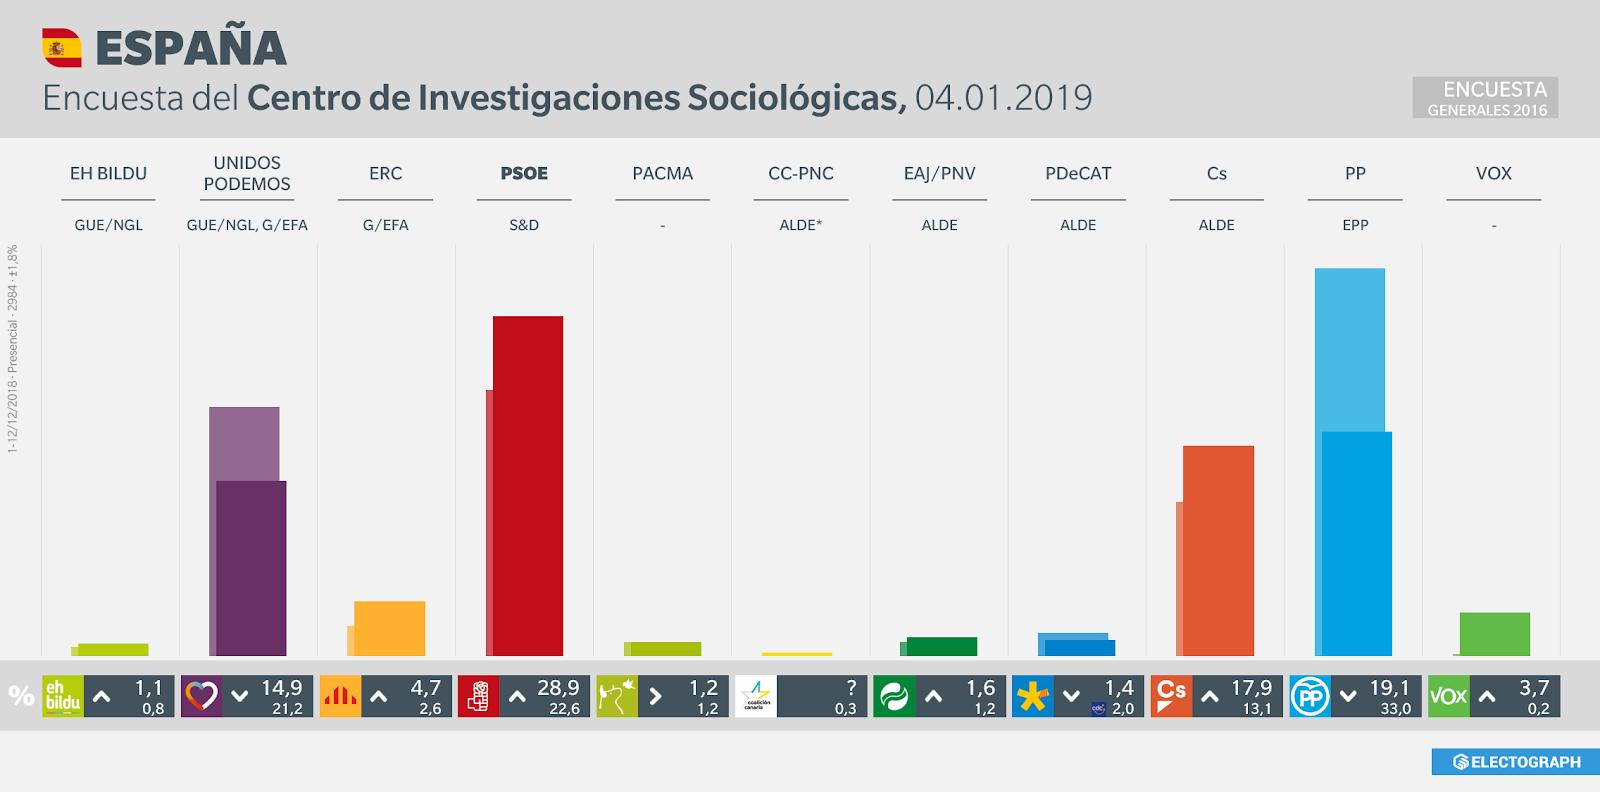 Gráfico de la encuesta para elecciones generales en España realizada por el CIS, 4 de enero de 2019